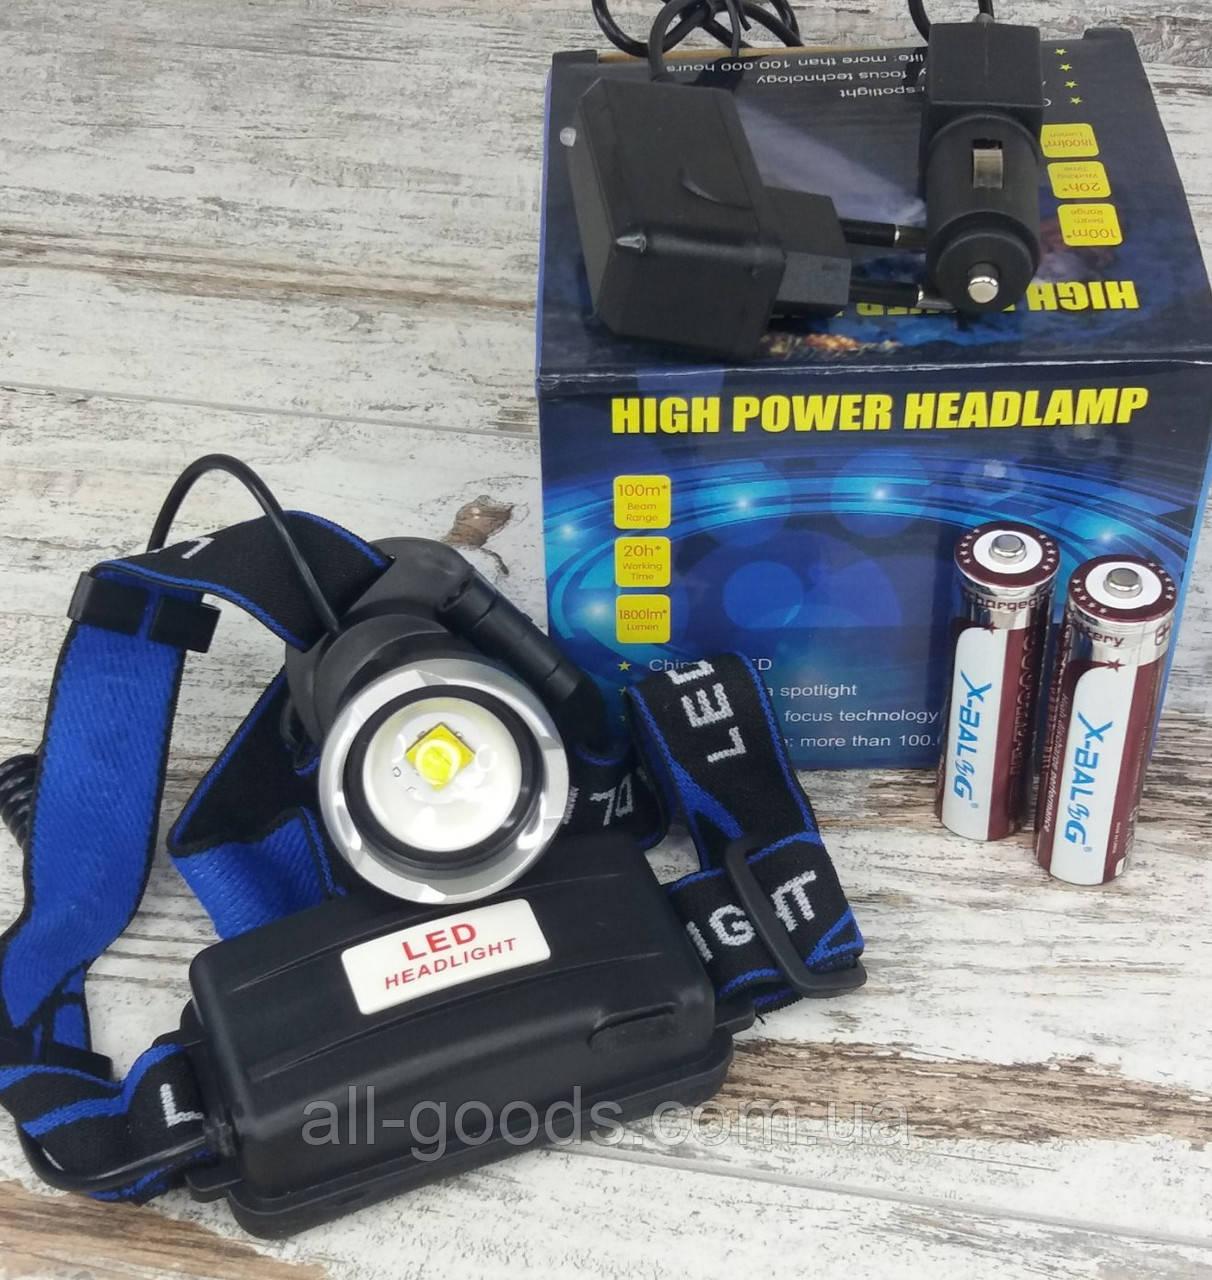 Аккумуляторный многофункциональный налобный фонарь BL-T24-P50. Мощный светодиодный фонарик.